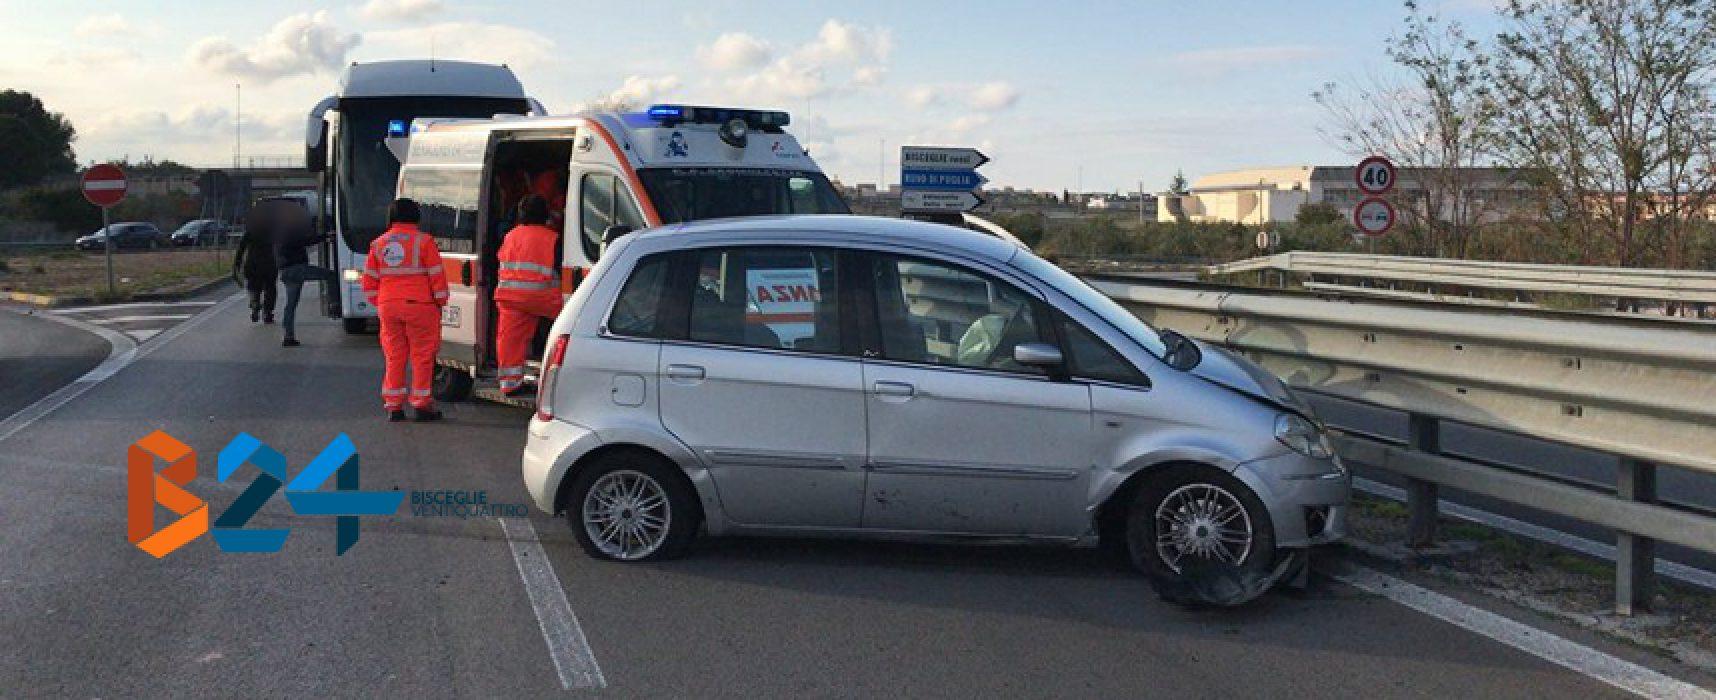 Incidente sulla Statale 16: auto invade piazzola e si schianta